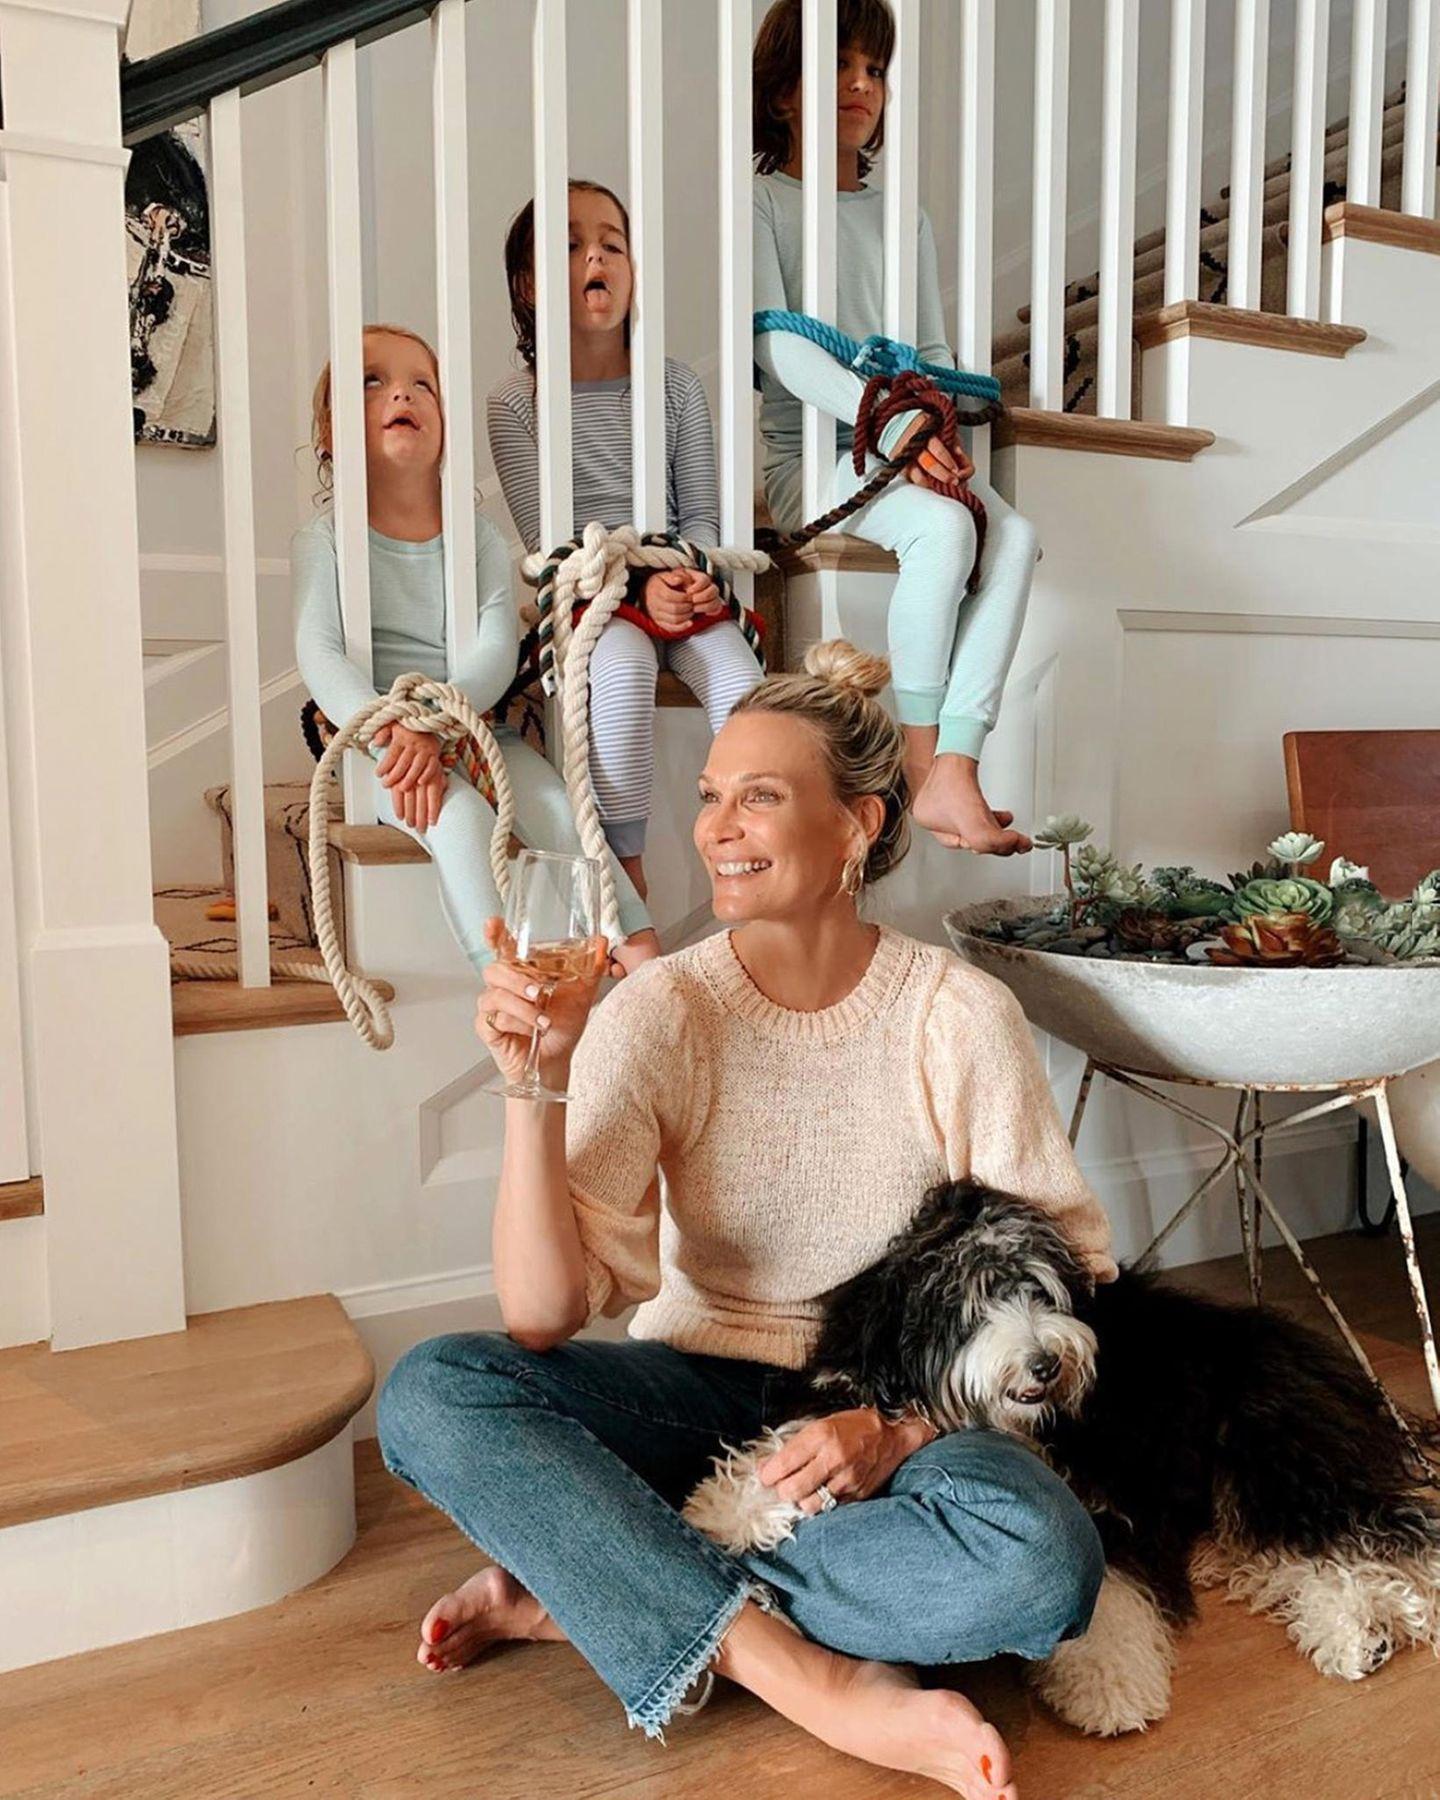 Mit einem Glas Wein in der Hand und dem Hund auf dem Schoß lässt sich der Freitagabend genießen. Und damit die Kids nicht stören, bindet Molly Sims die drei kurzerhand am Treppengeländer fest. Auch wenn das Bild mit einer großen Portion Humor genommen werden muss, sei an dieser Stelle gesagt: Bitte nicht nachmachen!